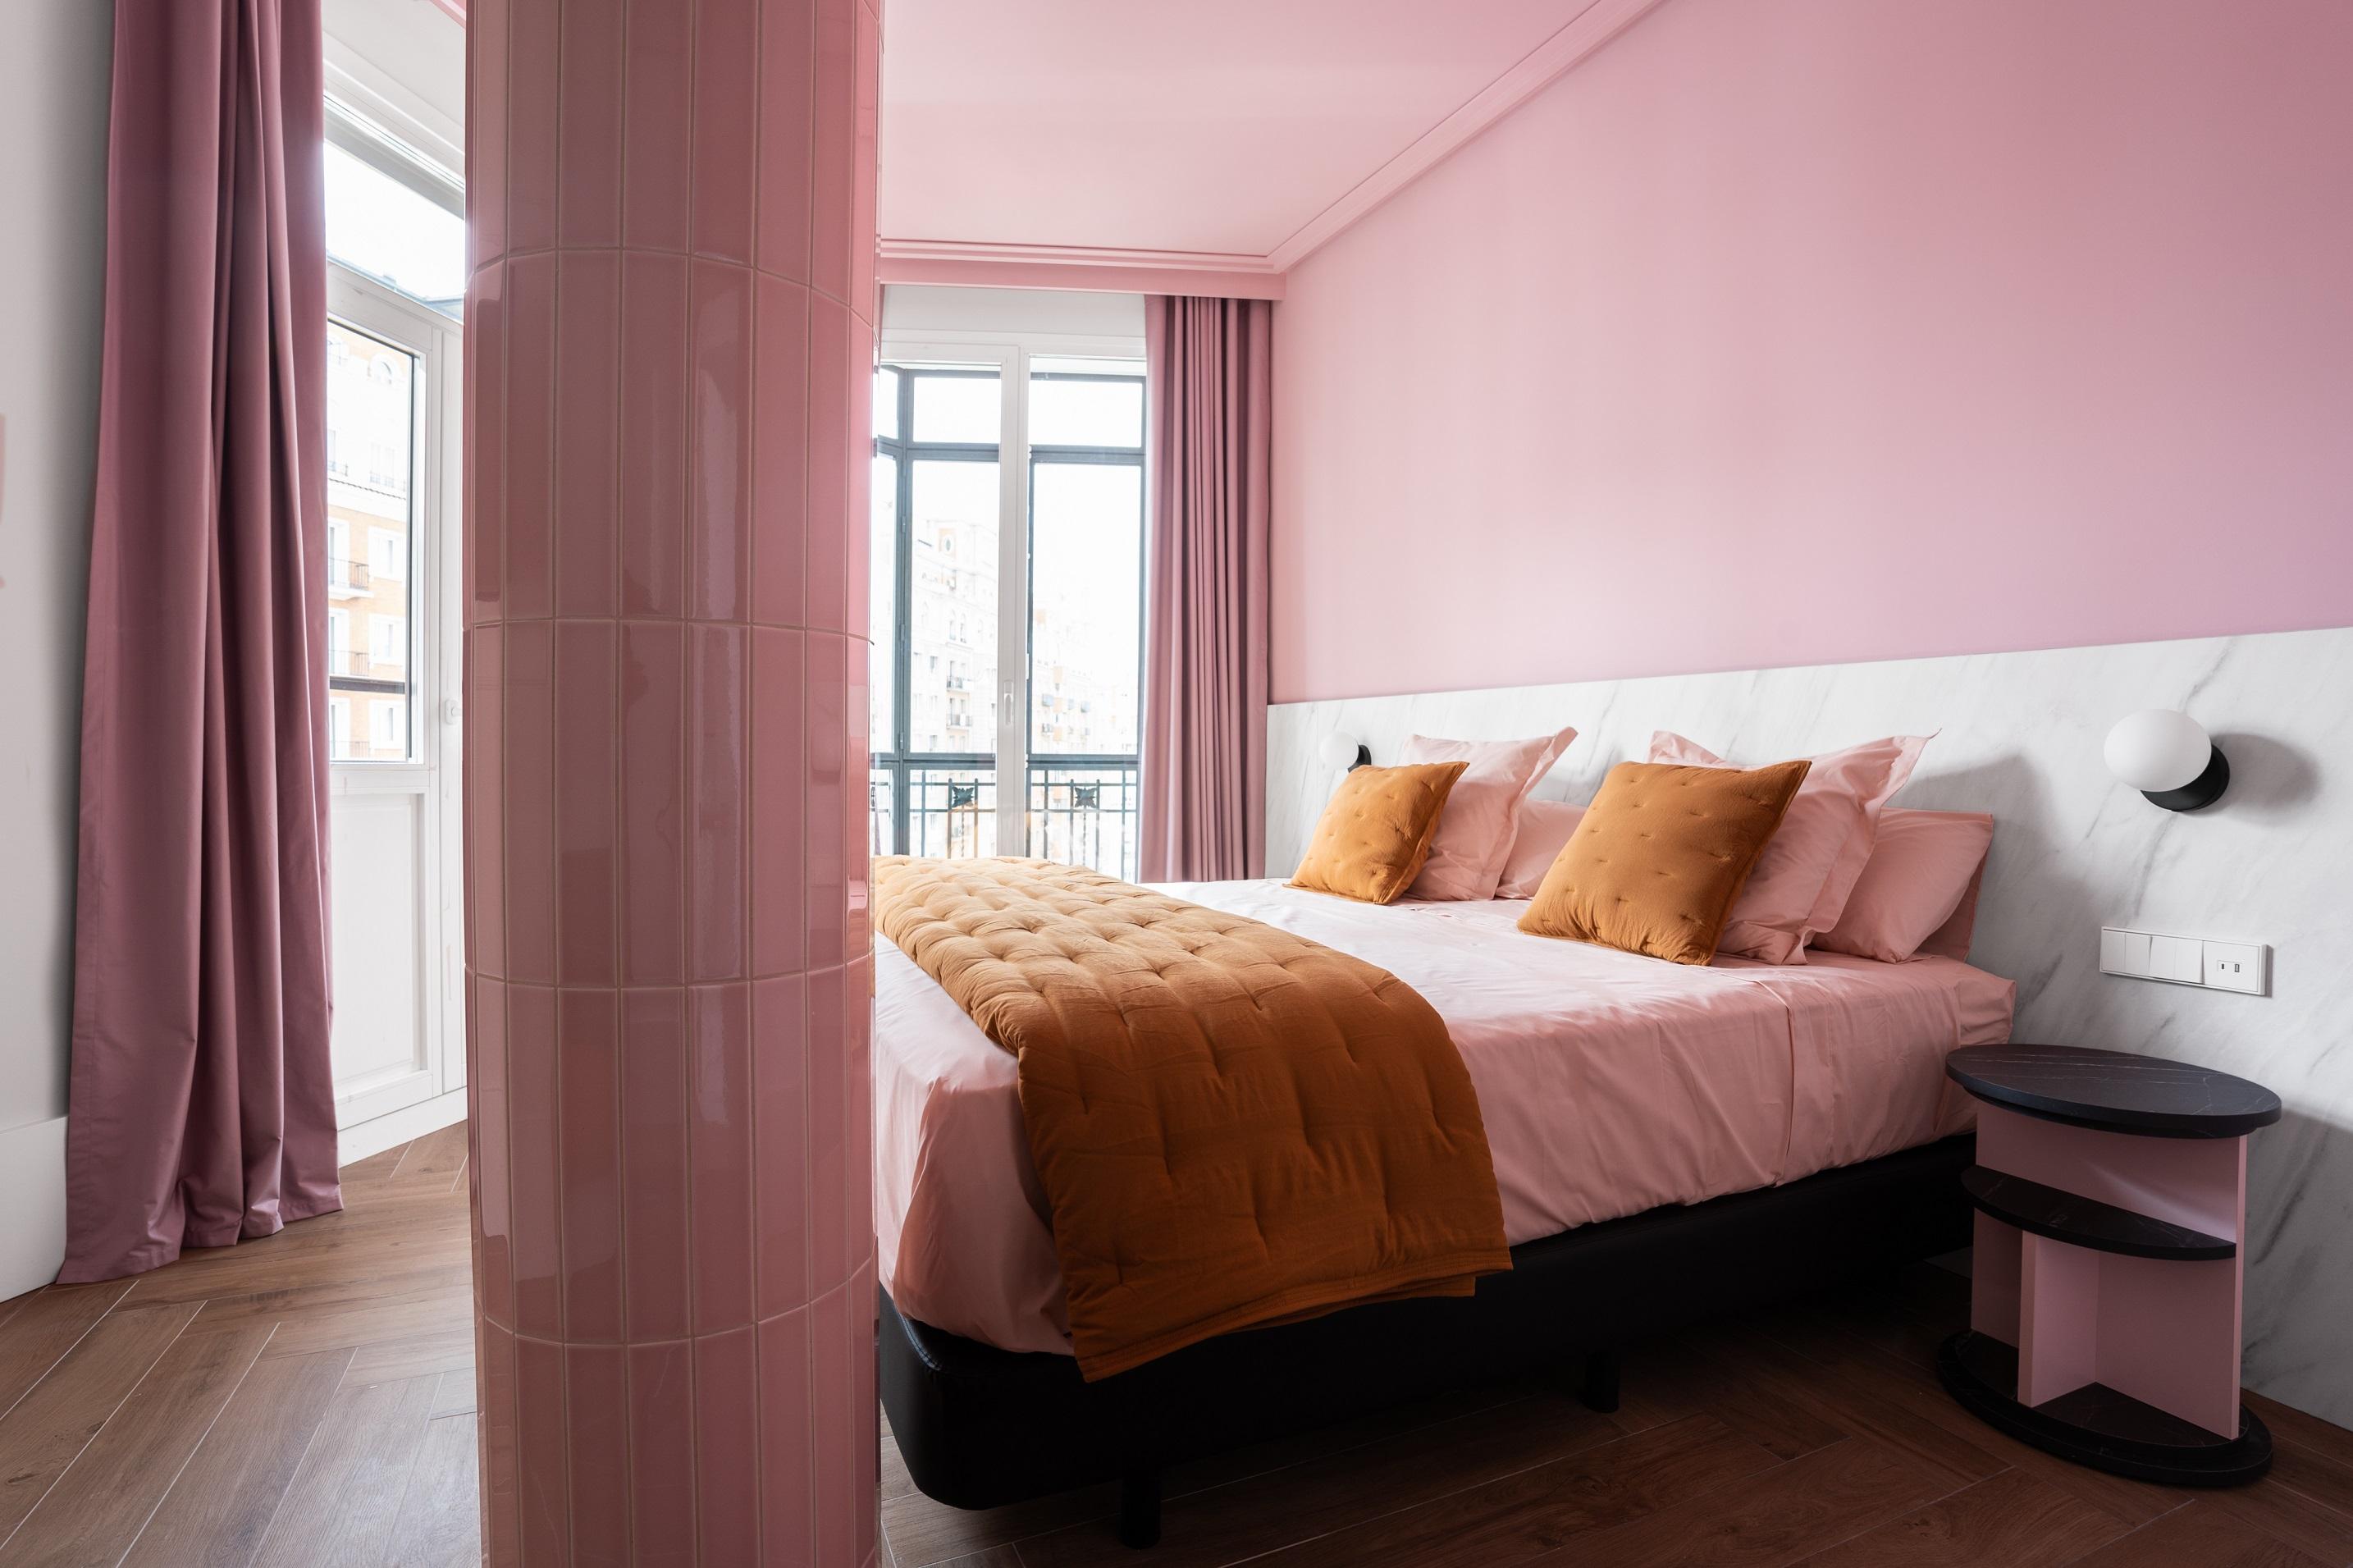 La serie LS 990 de Jung en blanco alpino mate aporta una fascinante conceptualización estética al nuevo hotel de 4* superior